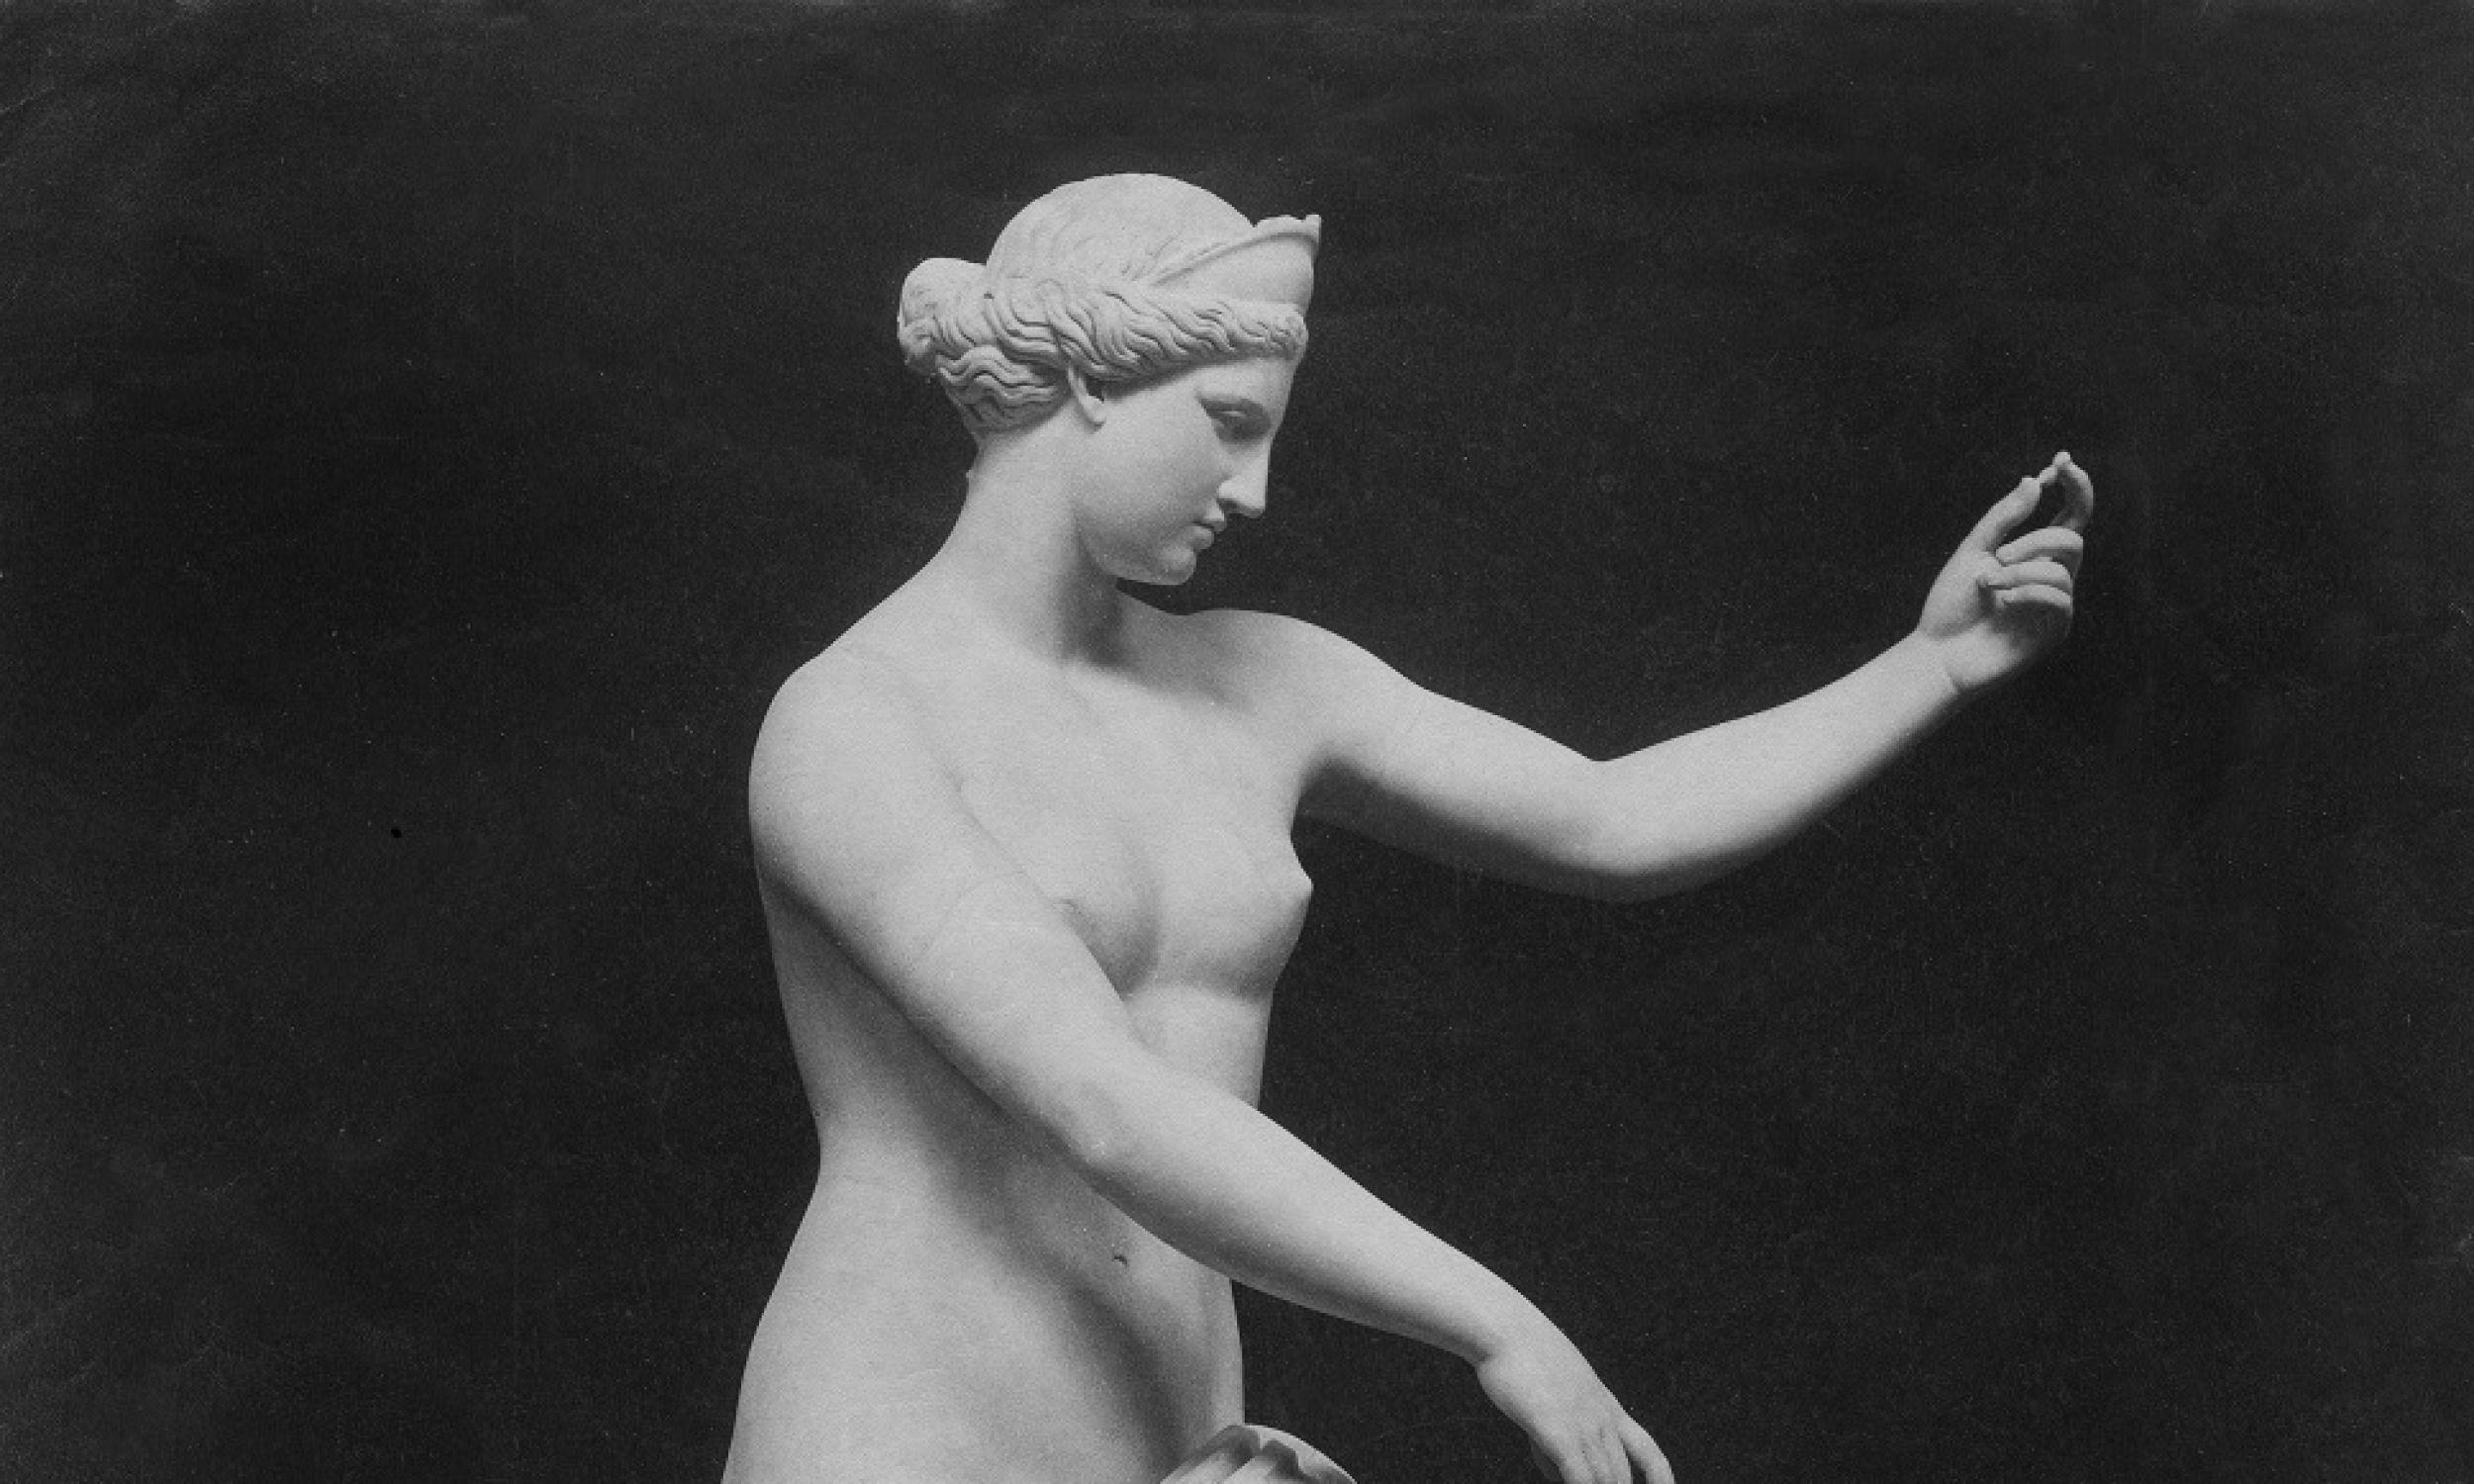 Wenus z Capua, rzeźba wykonana w imperium Hadriana, obecnie znajduje się w Muzeum Archeologicznym w Neapolu. Istnieje teoria, że Wenus z Milo i z Capua są kopiami oryginalnej zaginionej Afrodyty. Fot. ullstein bild/ullstein bild via Getty Images)